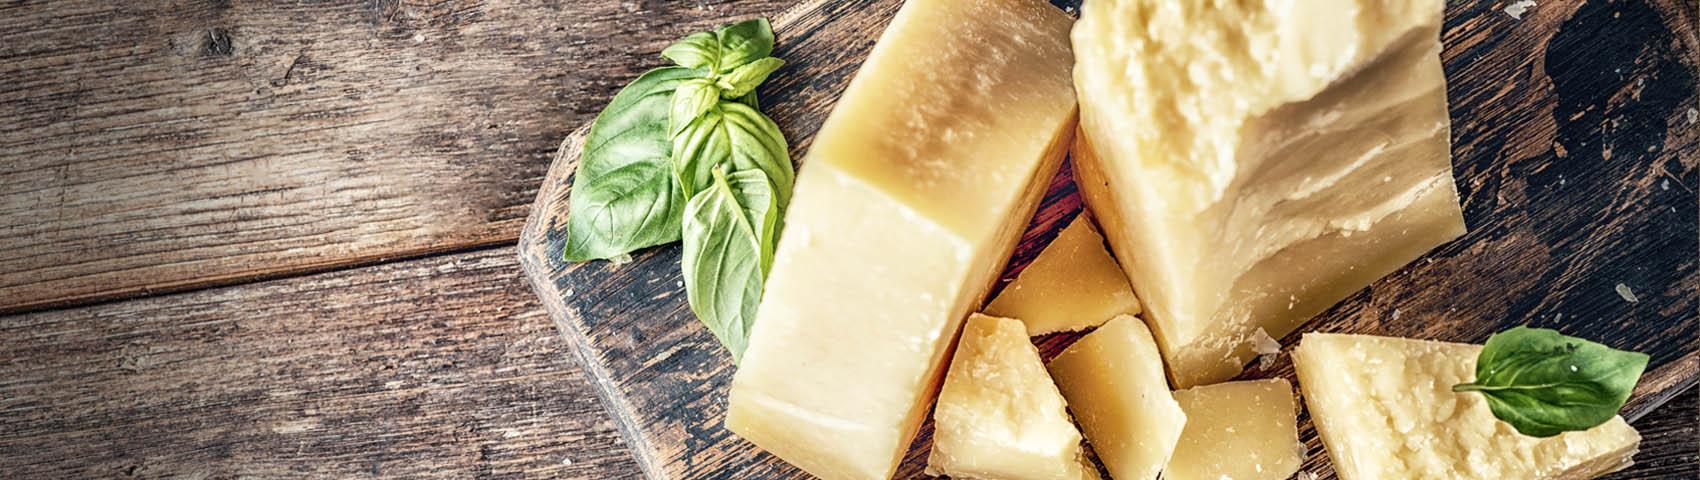 Parmigiano Regiano: Frescura, Sabor, Olor Y Textura Al #EstiloPiada